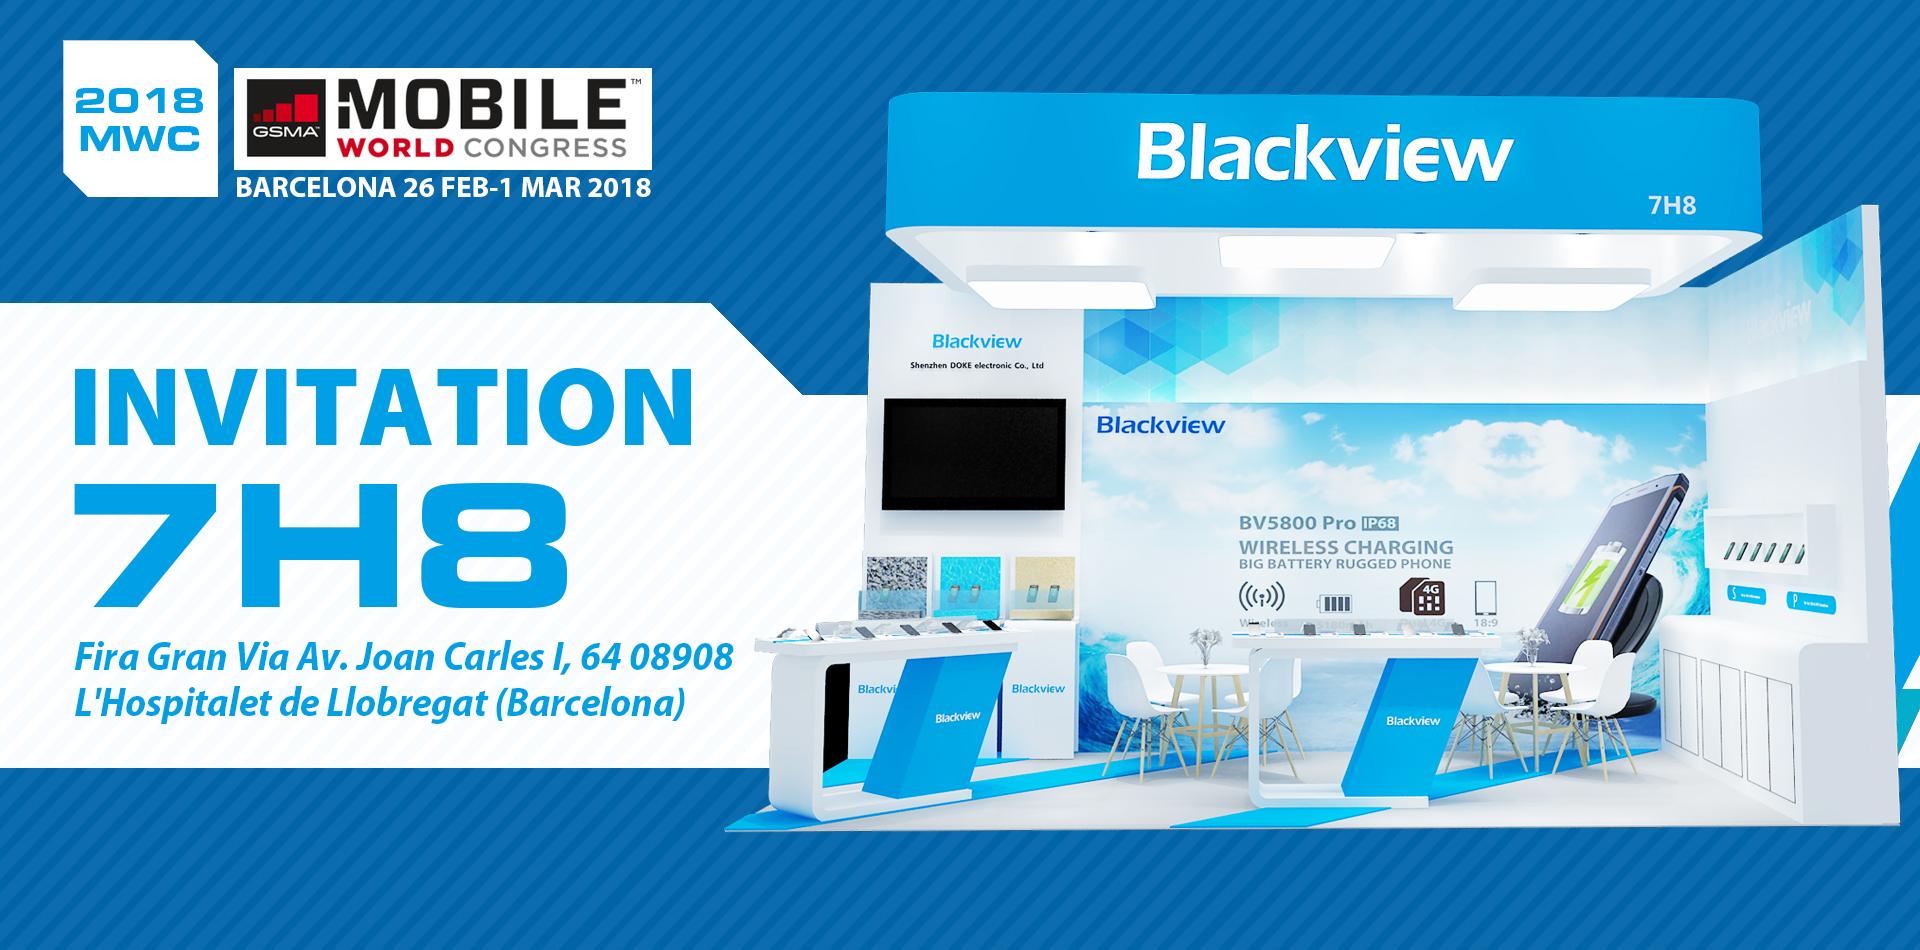 Защищенный Blackview BV5800 Pro и другие смартфоны компании покажут на MWC 2018